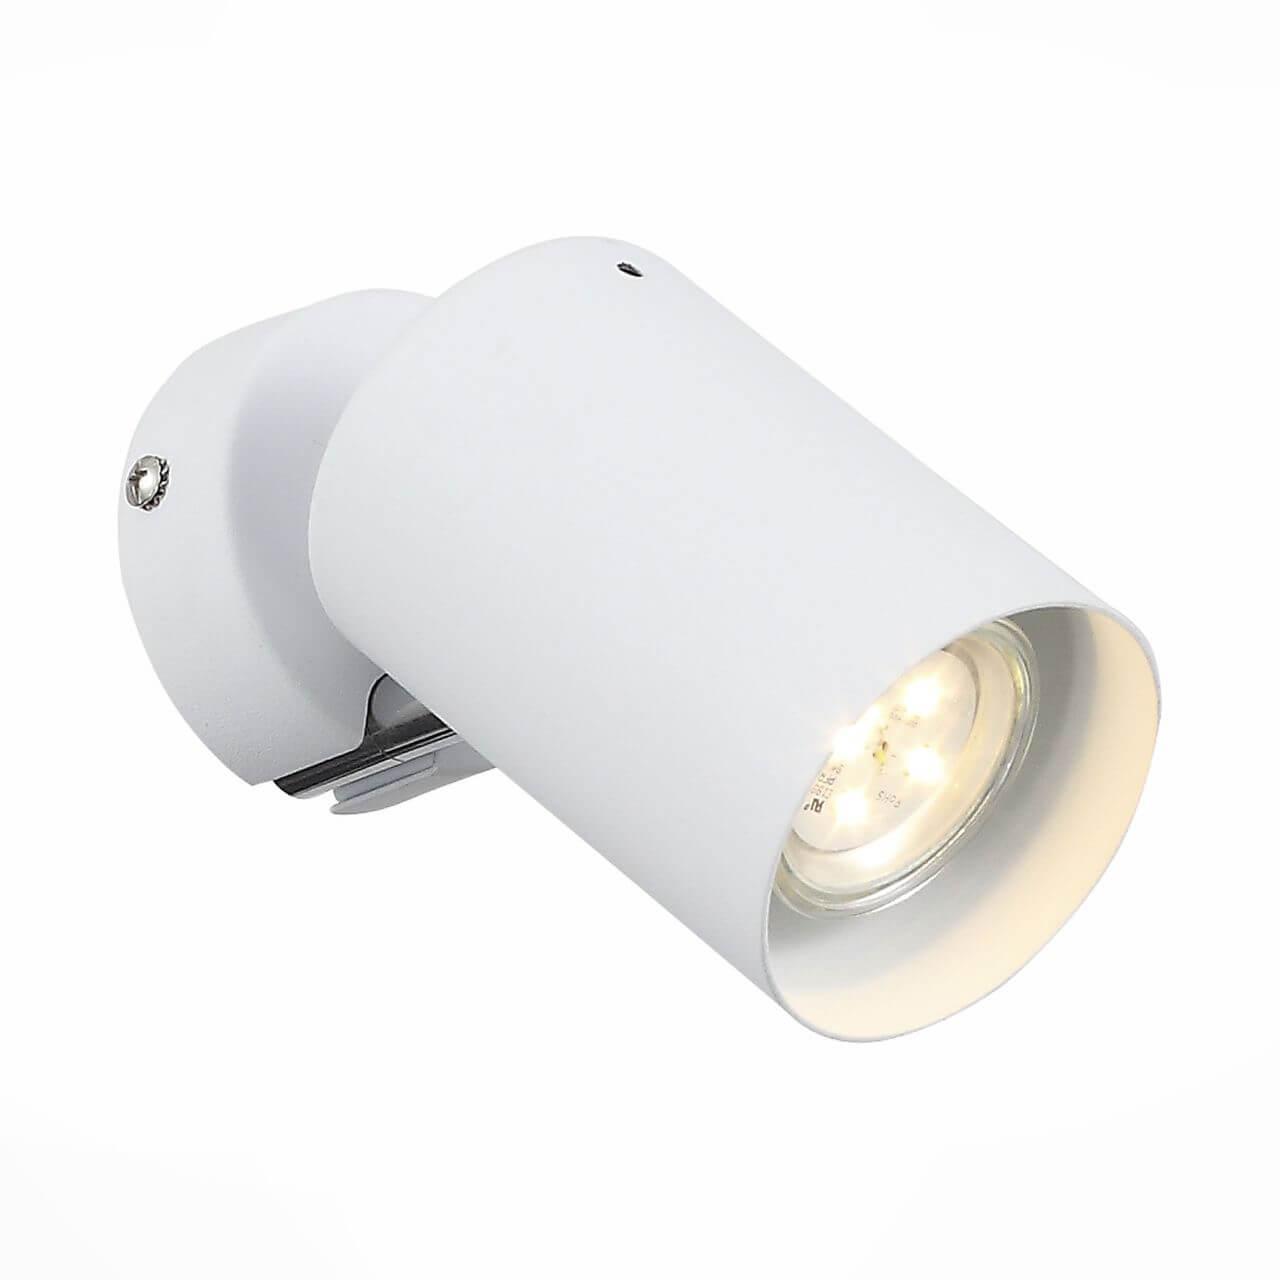 Спот ST Luce SL597.501.01, GU10, 3 Вт светодиодный спот st luce pratico sle120 101 01